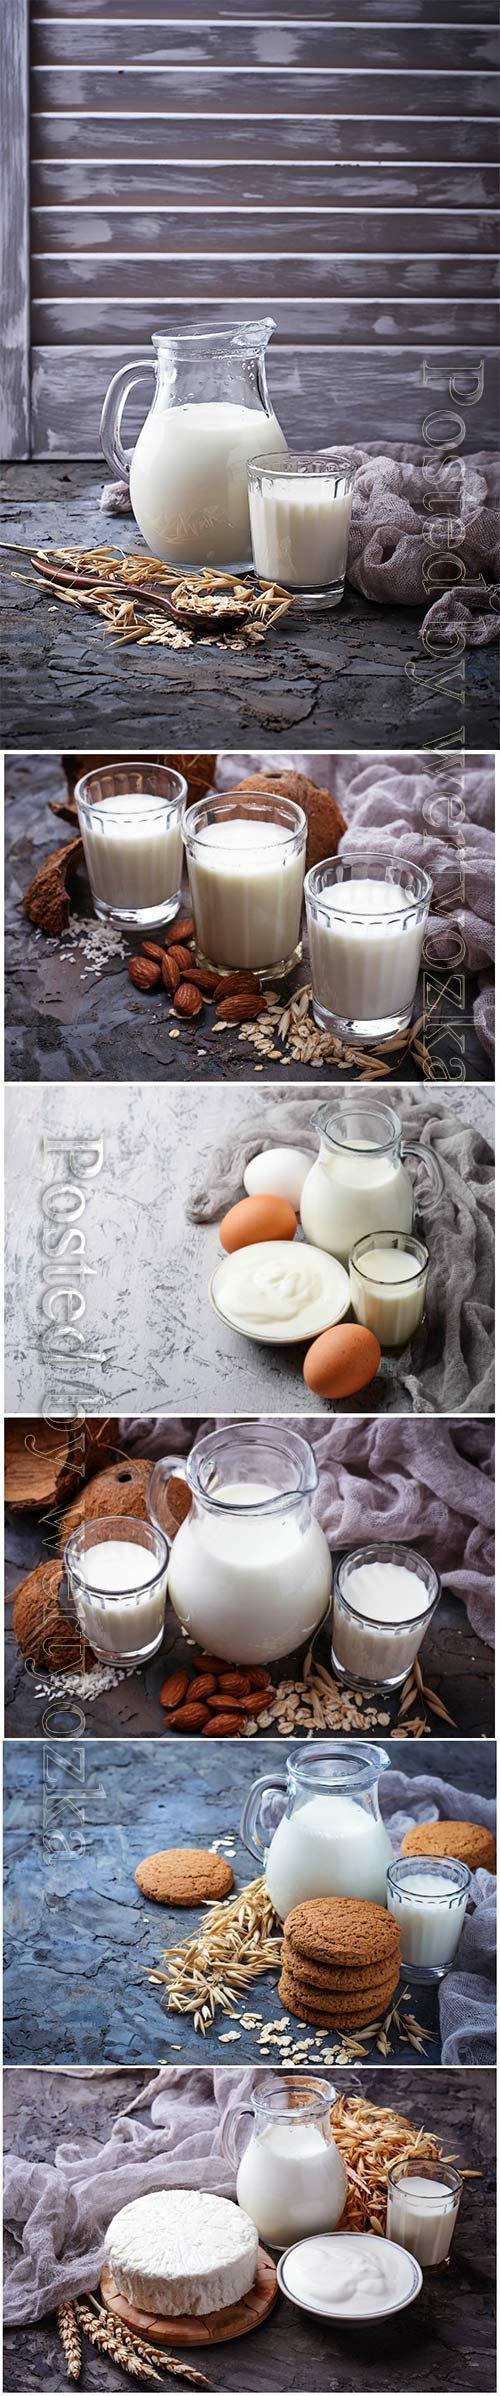 Milk, sour cream and eggs